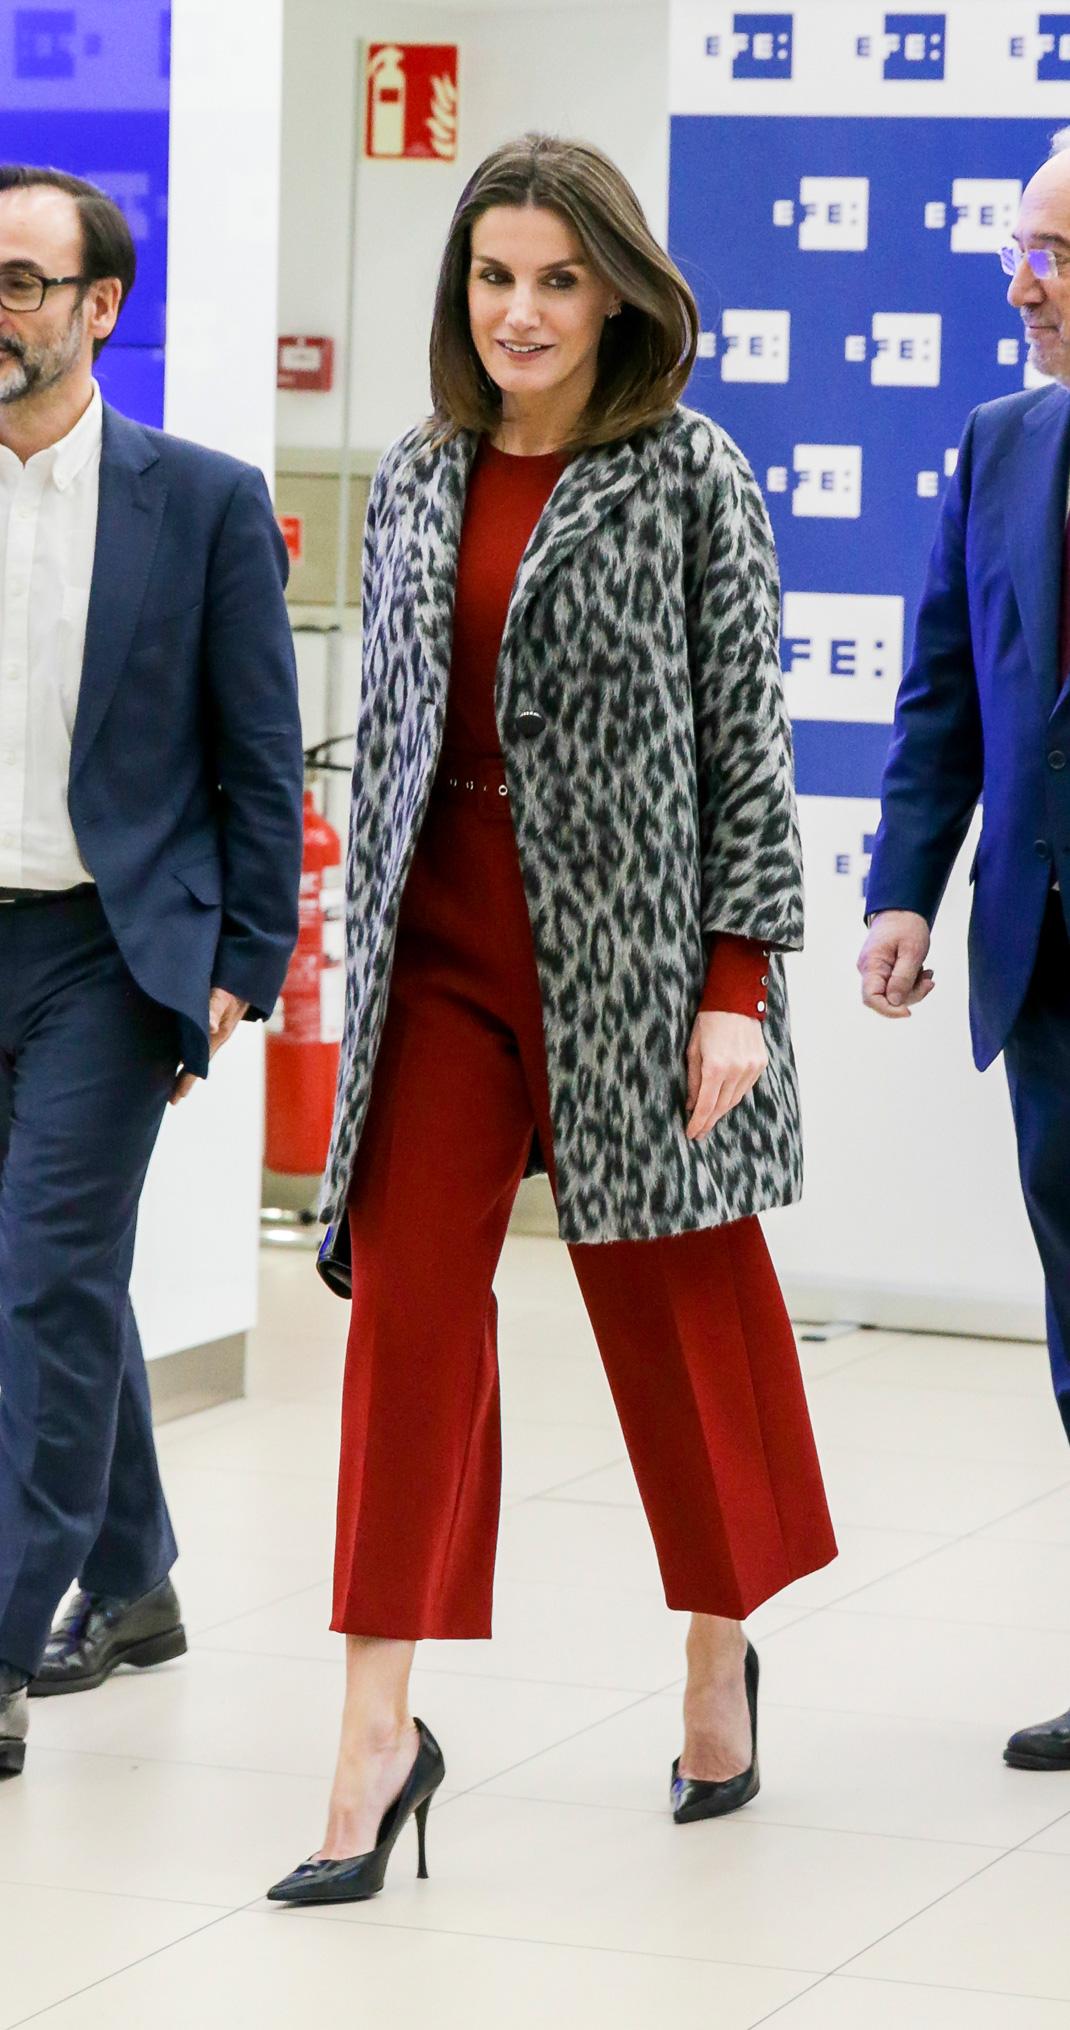 ropa deportiva de alto rendimiento Productos diseño novedoso La Reina Letizia retoma su punto más rojo y salvaje